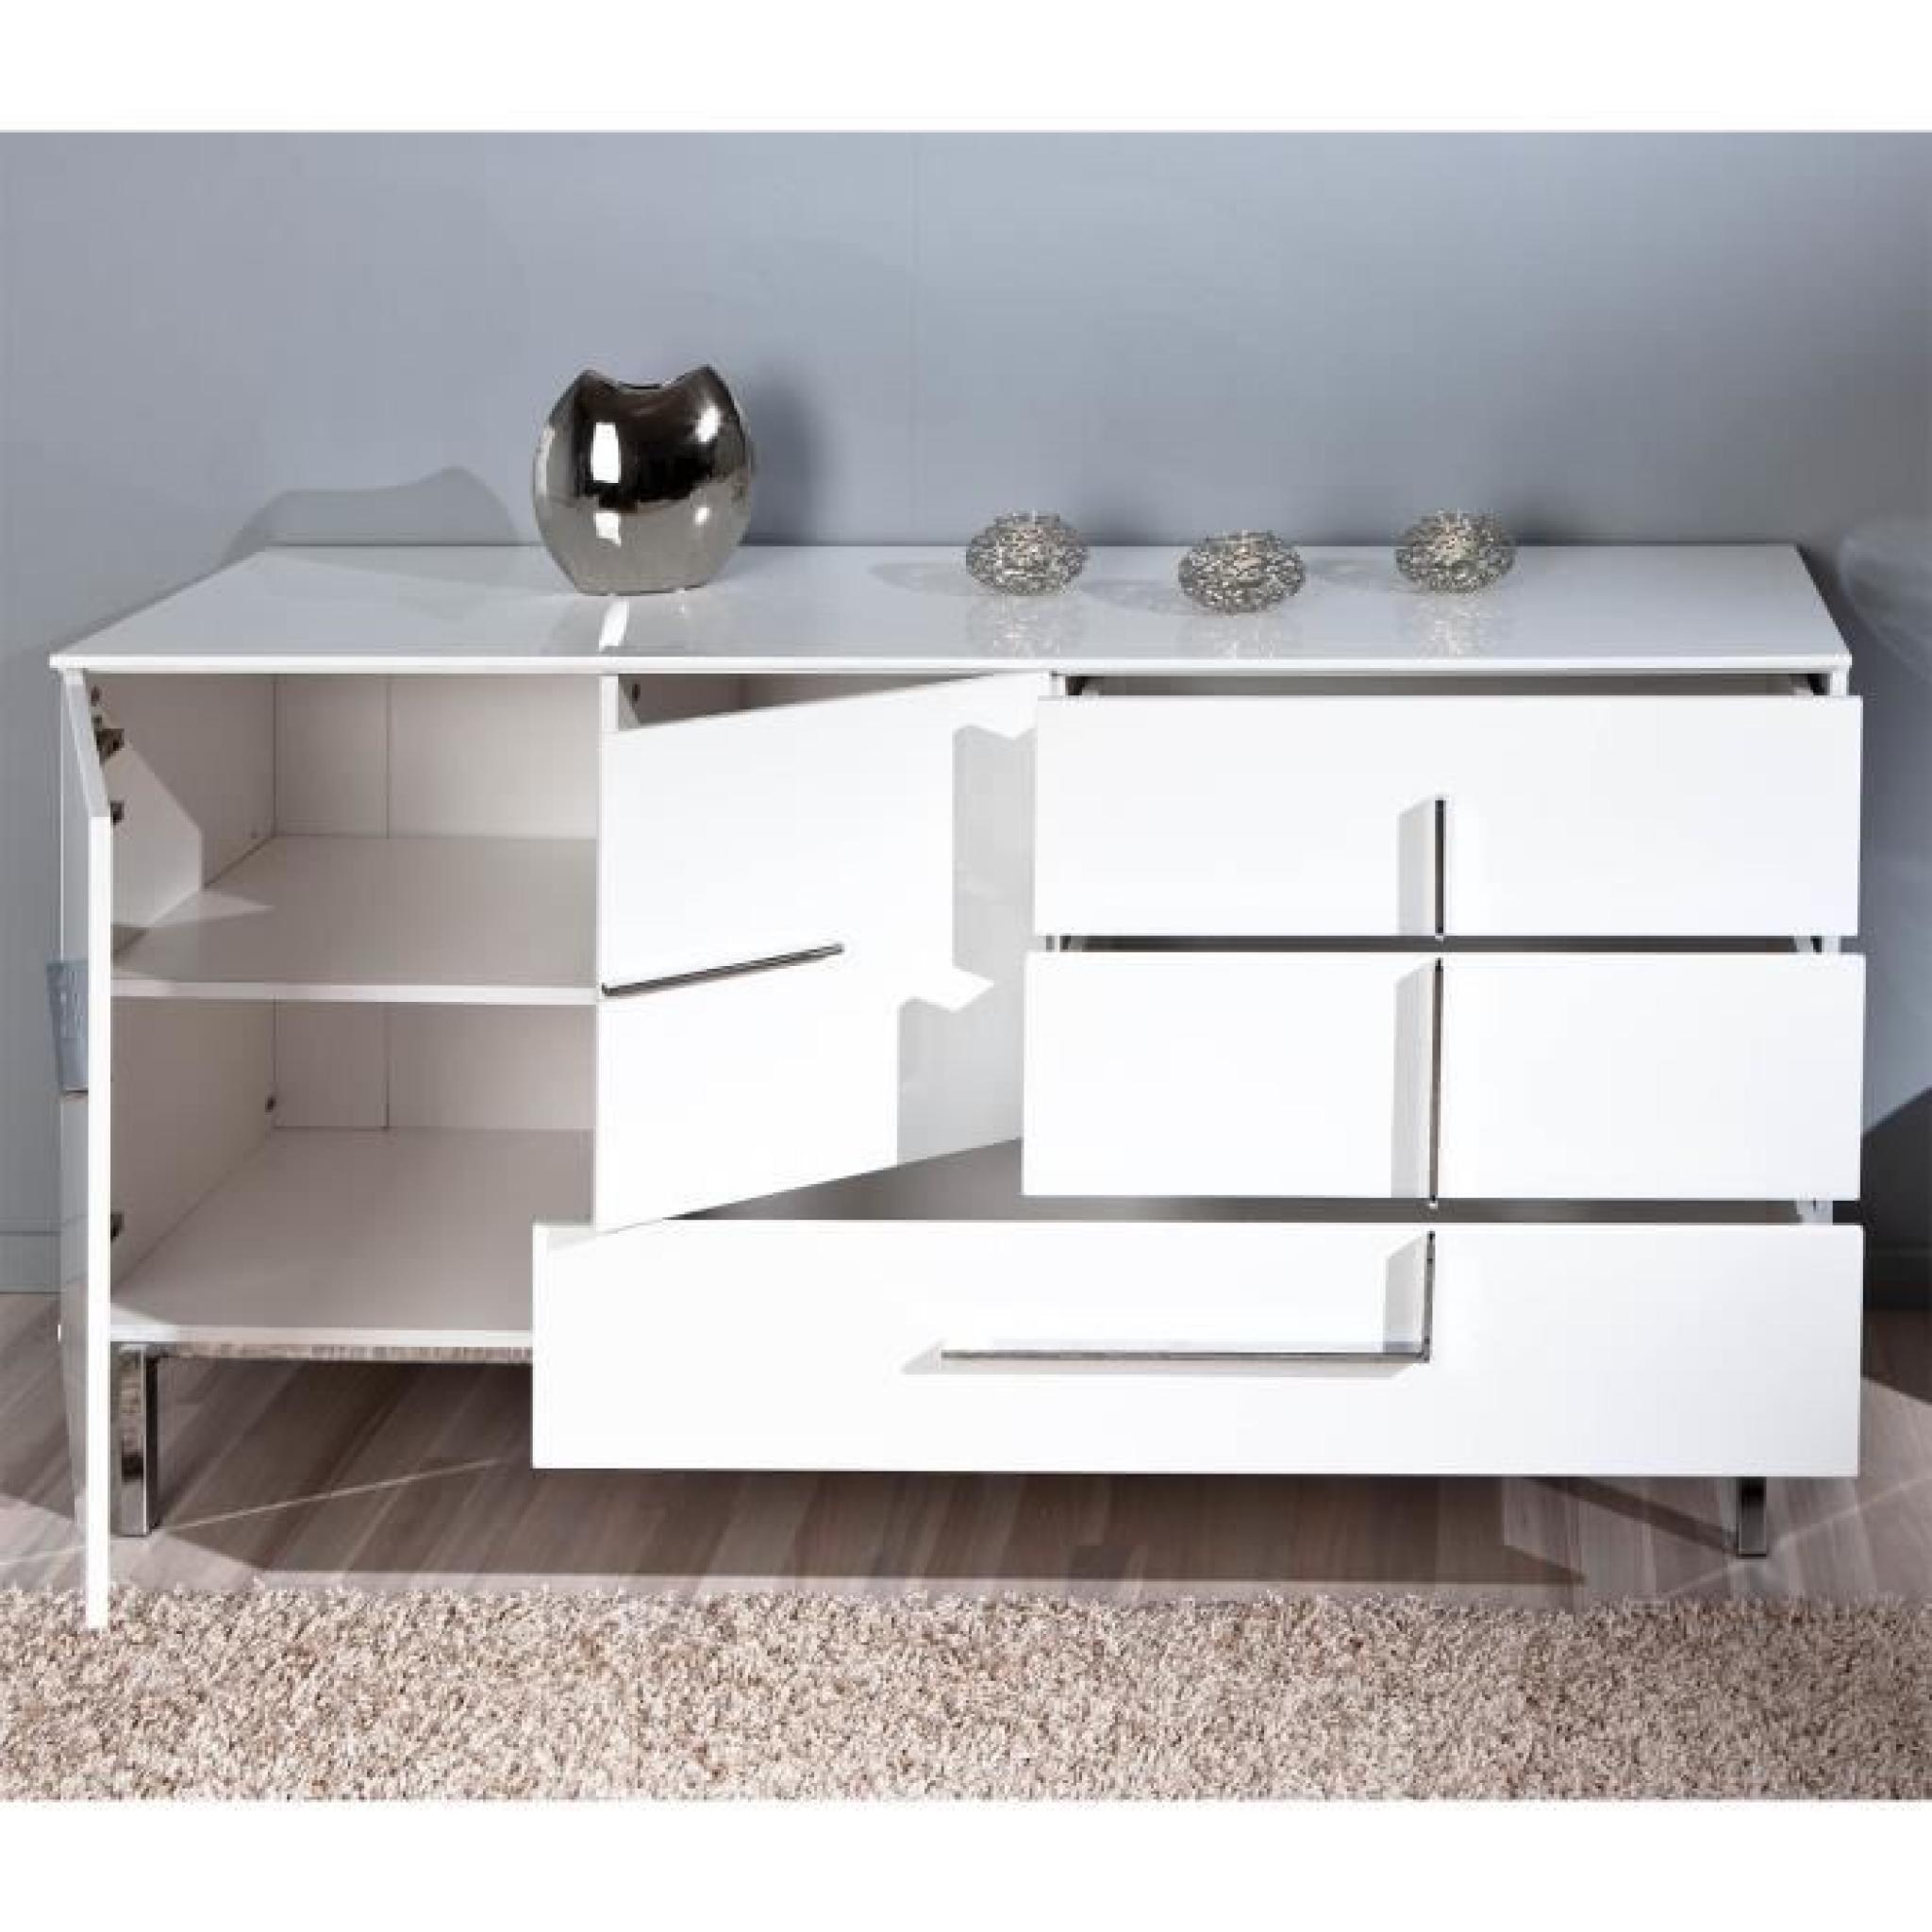 Commode Buffet Bahut Bas Moderne Design 2 Porte Achat Vente Commode Pas Cher Couleur Et Design Fr